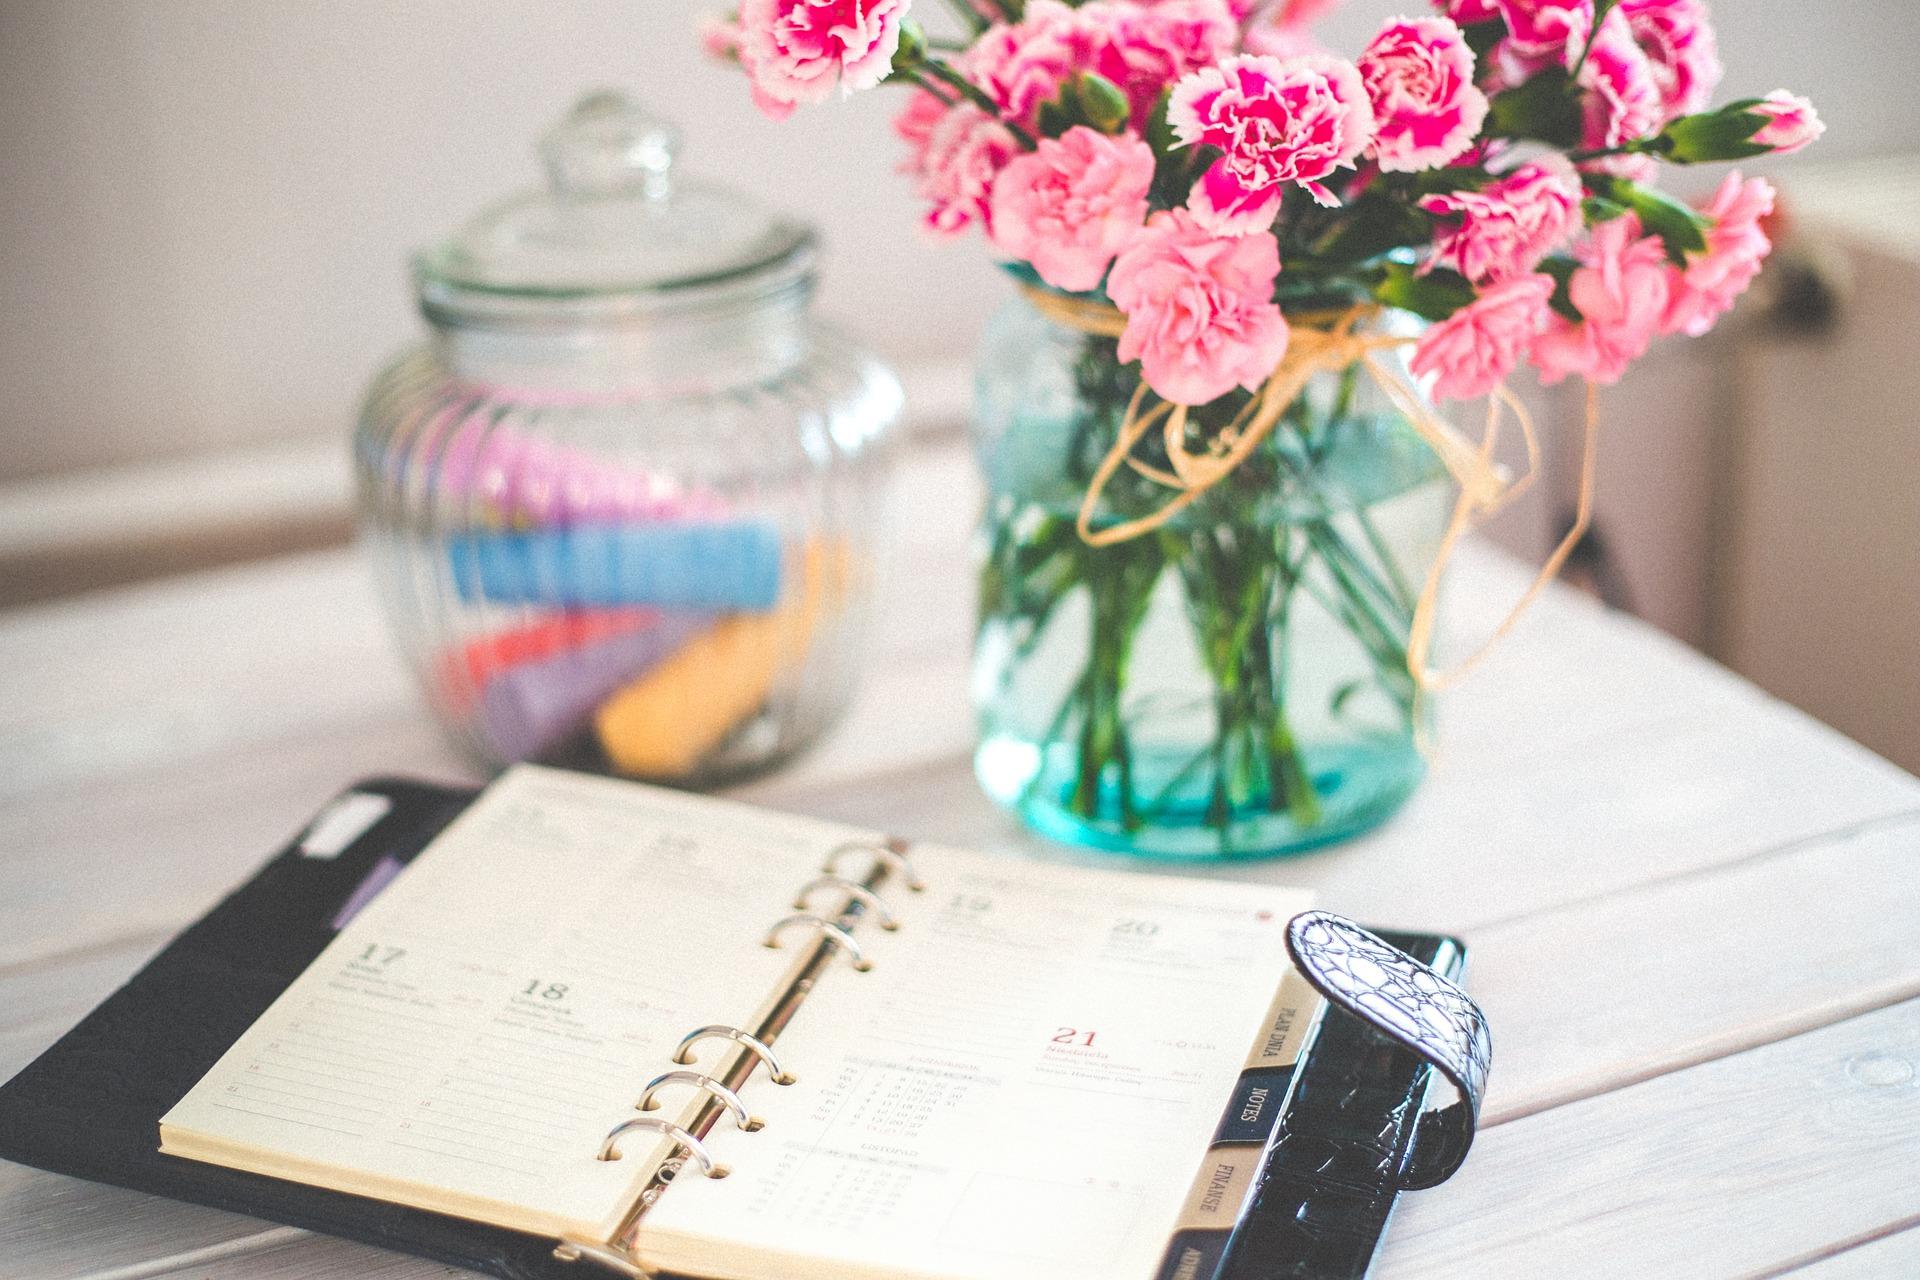 .... Kalender richtig einsetzen: Ein wichtiger Schritt zu einer effektiven Arbeitsorganisation .. Using calendars and agendas right - an important step towards great work productivity. ....